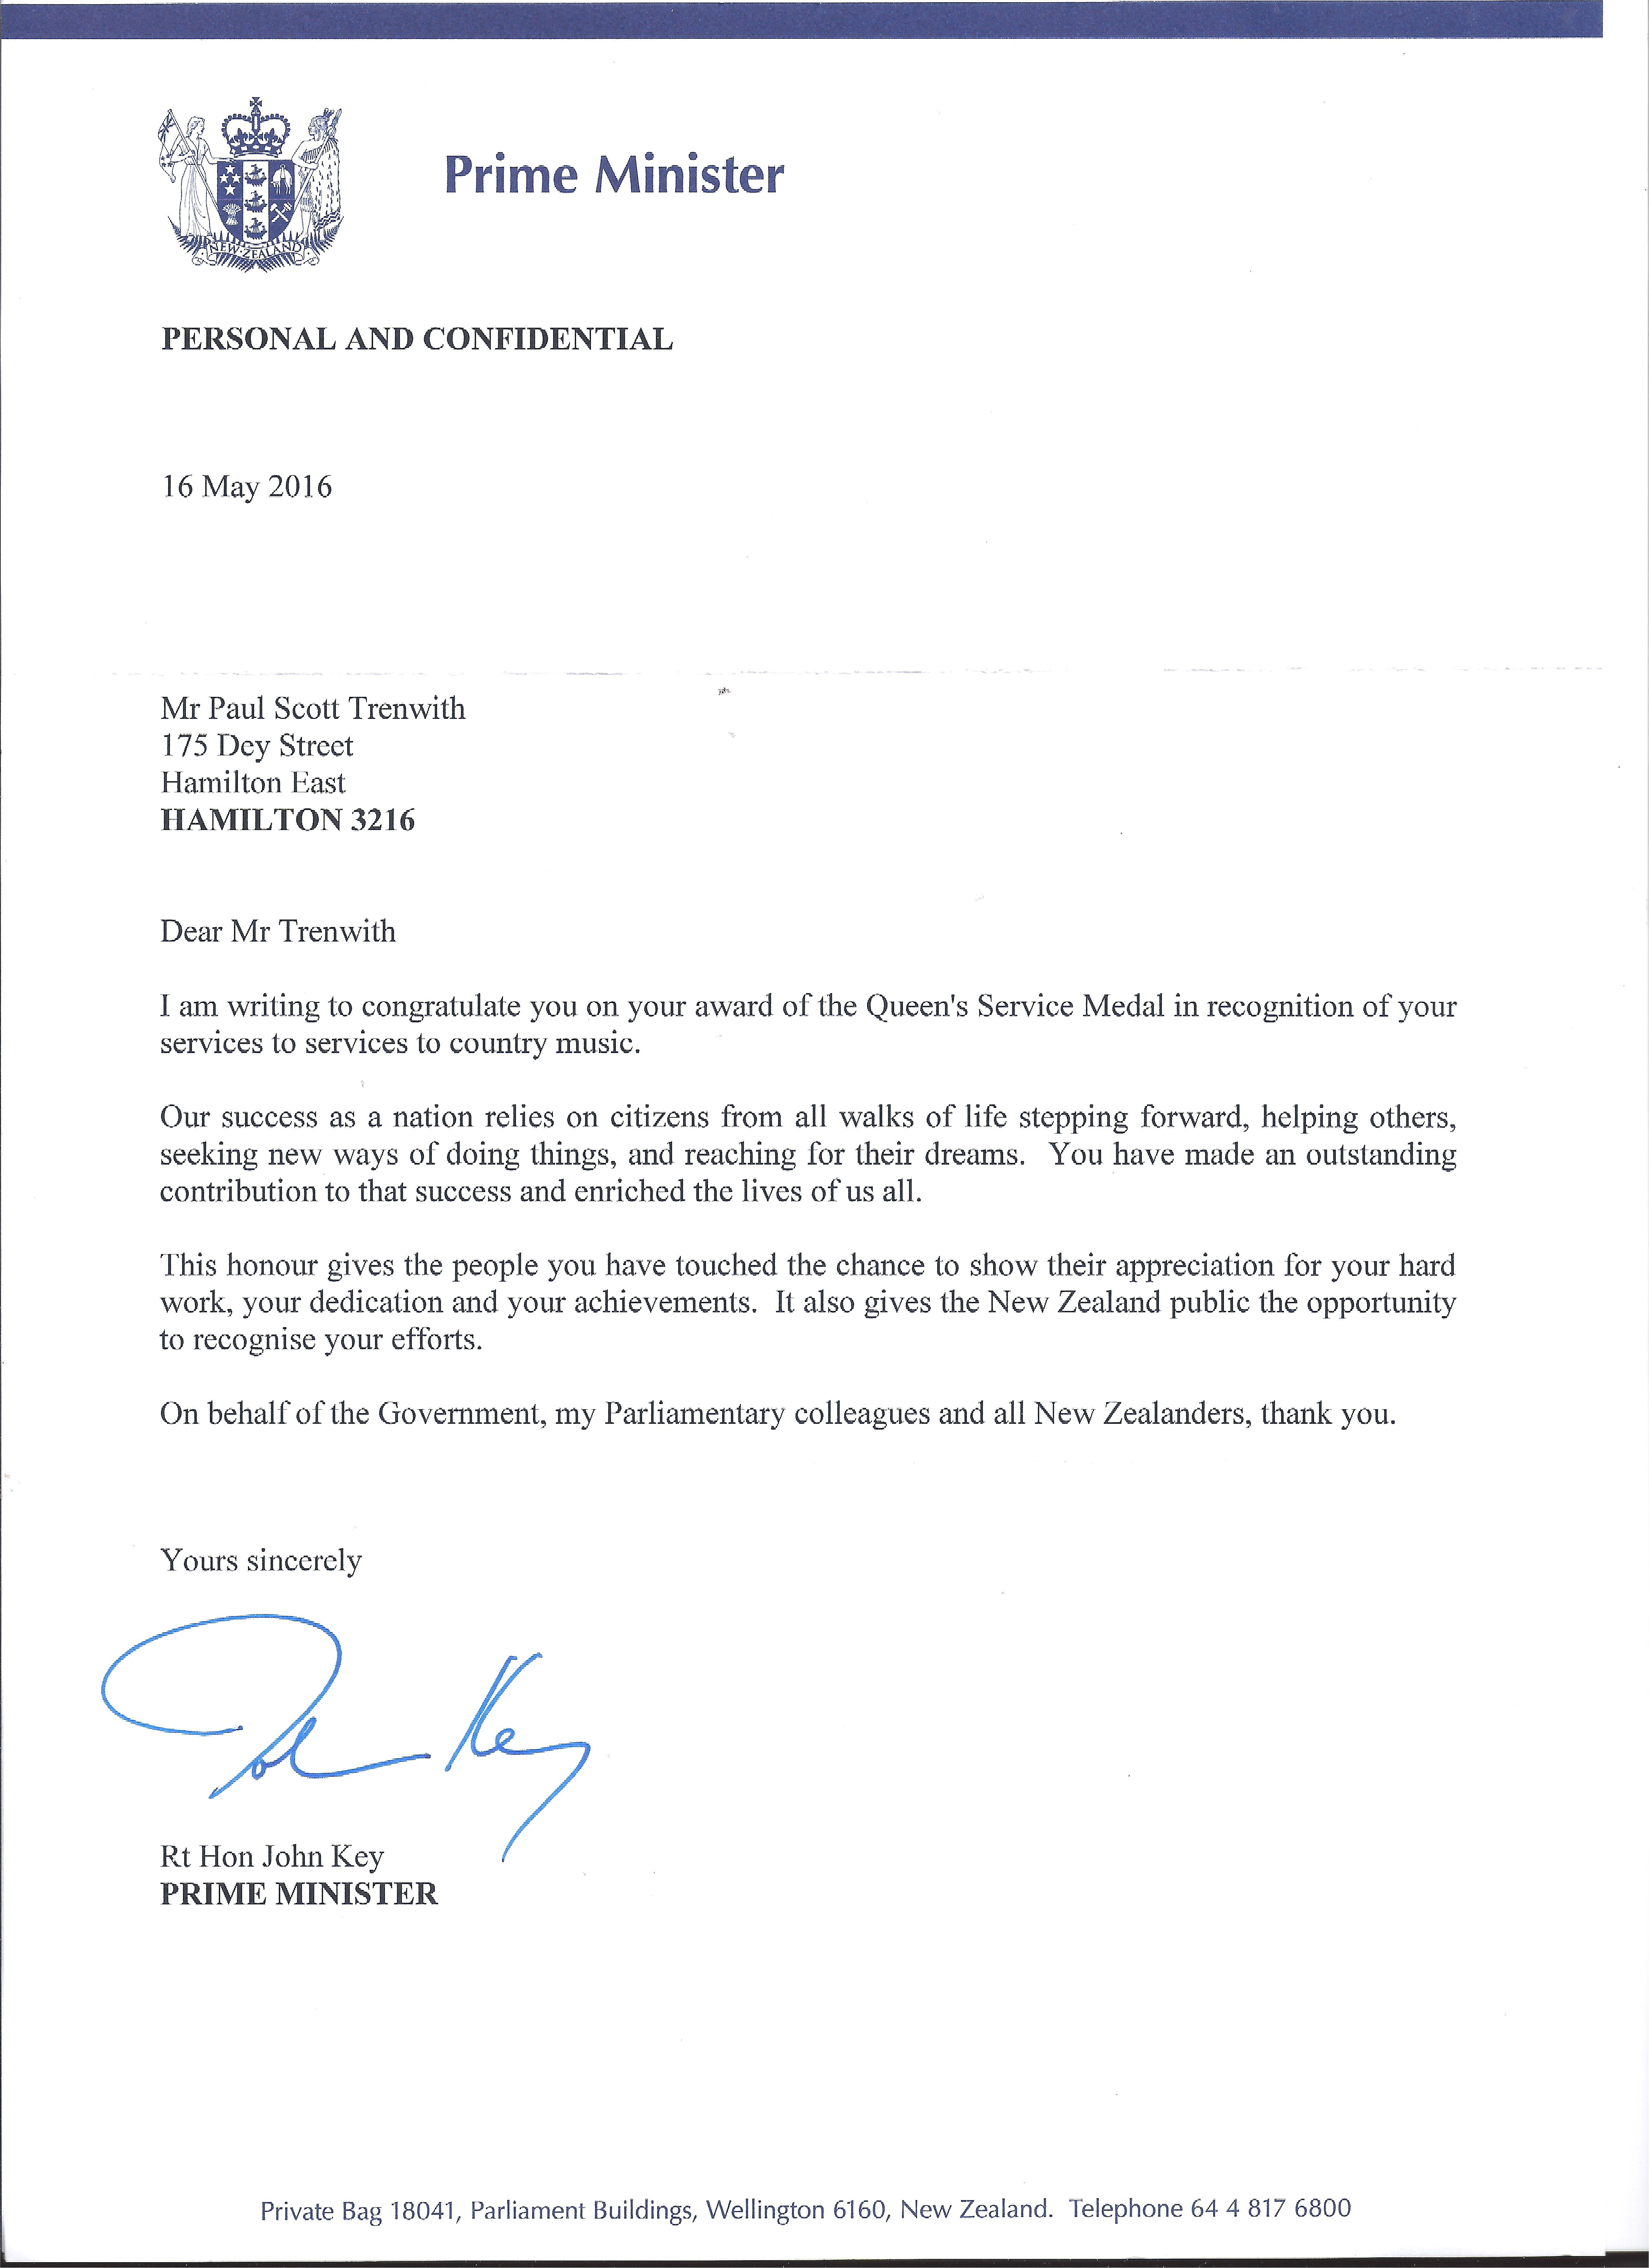 letter from John Key